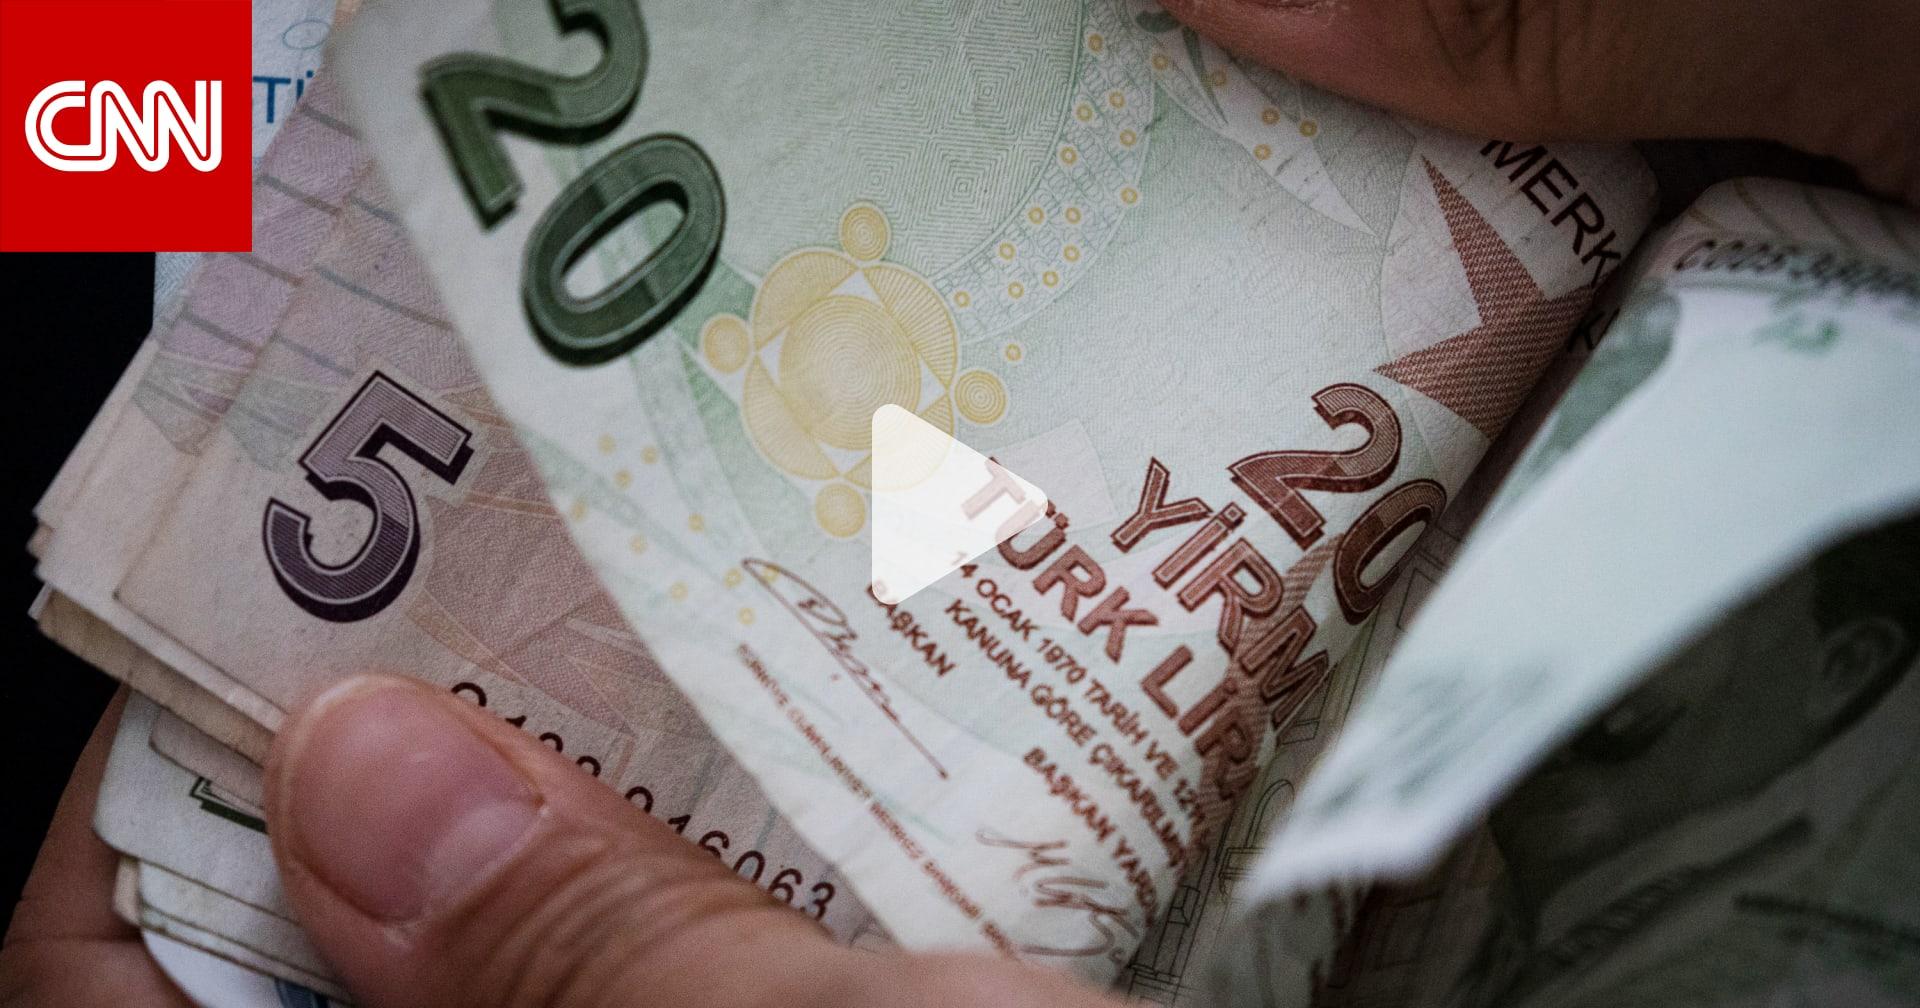 المصرف المركزي التركي يرفع سعر الفائدة إلى 19 بالمئة